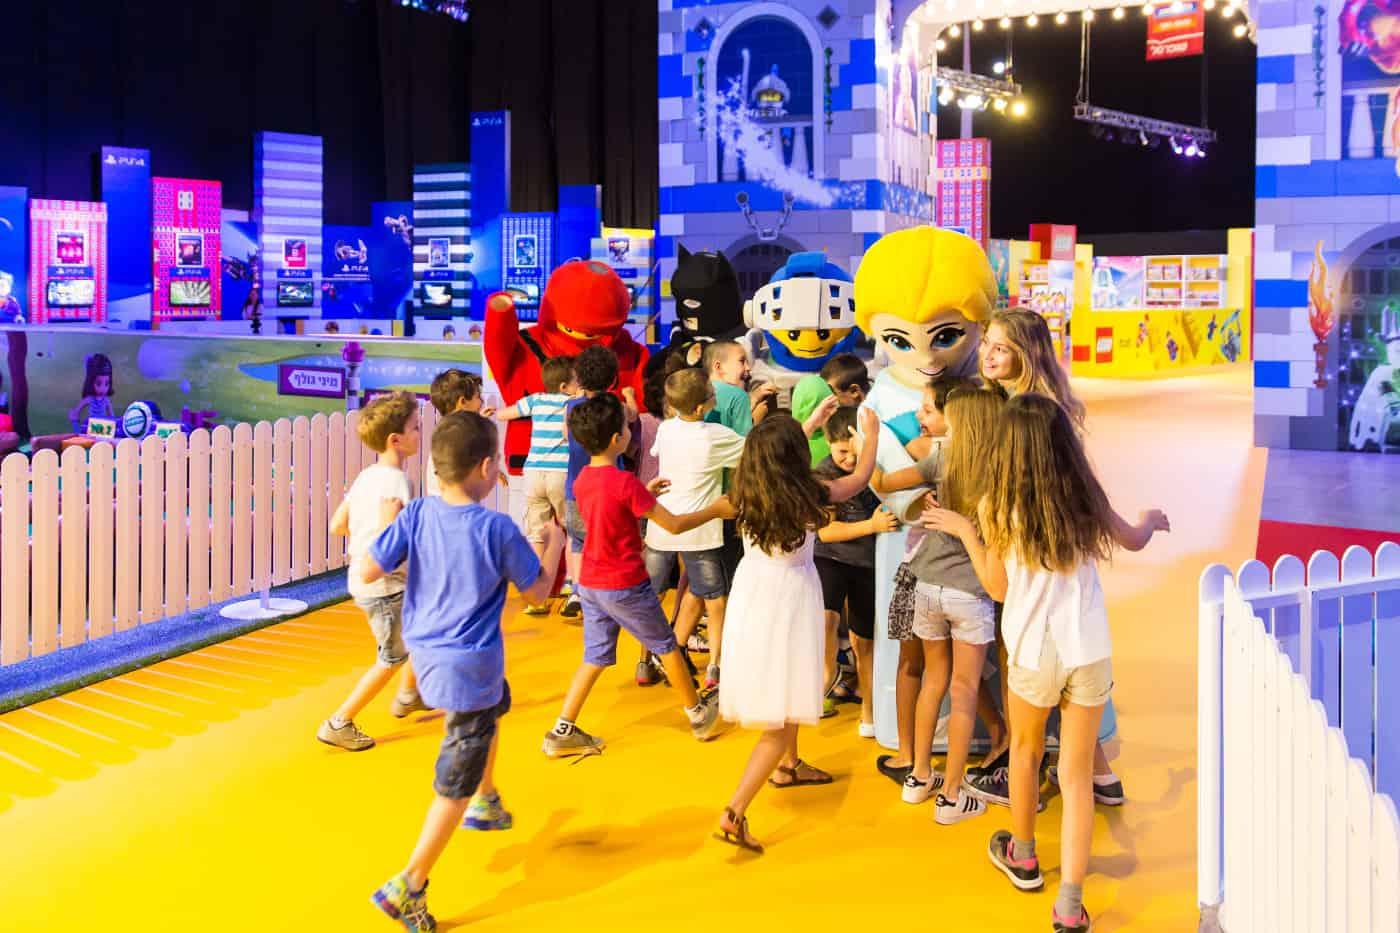 LEGO PARK, צילום: סטודיו צלול